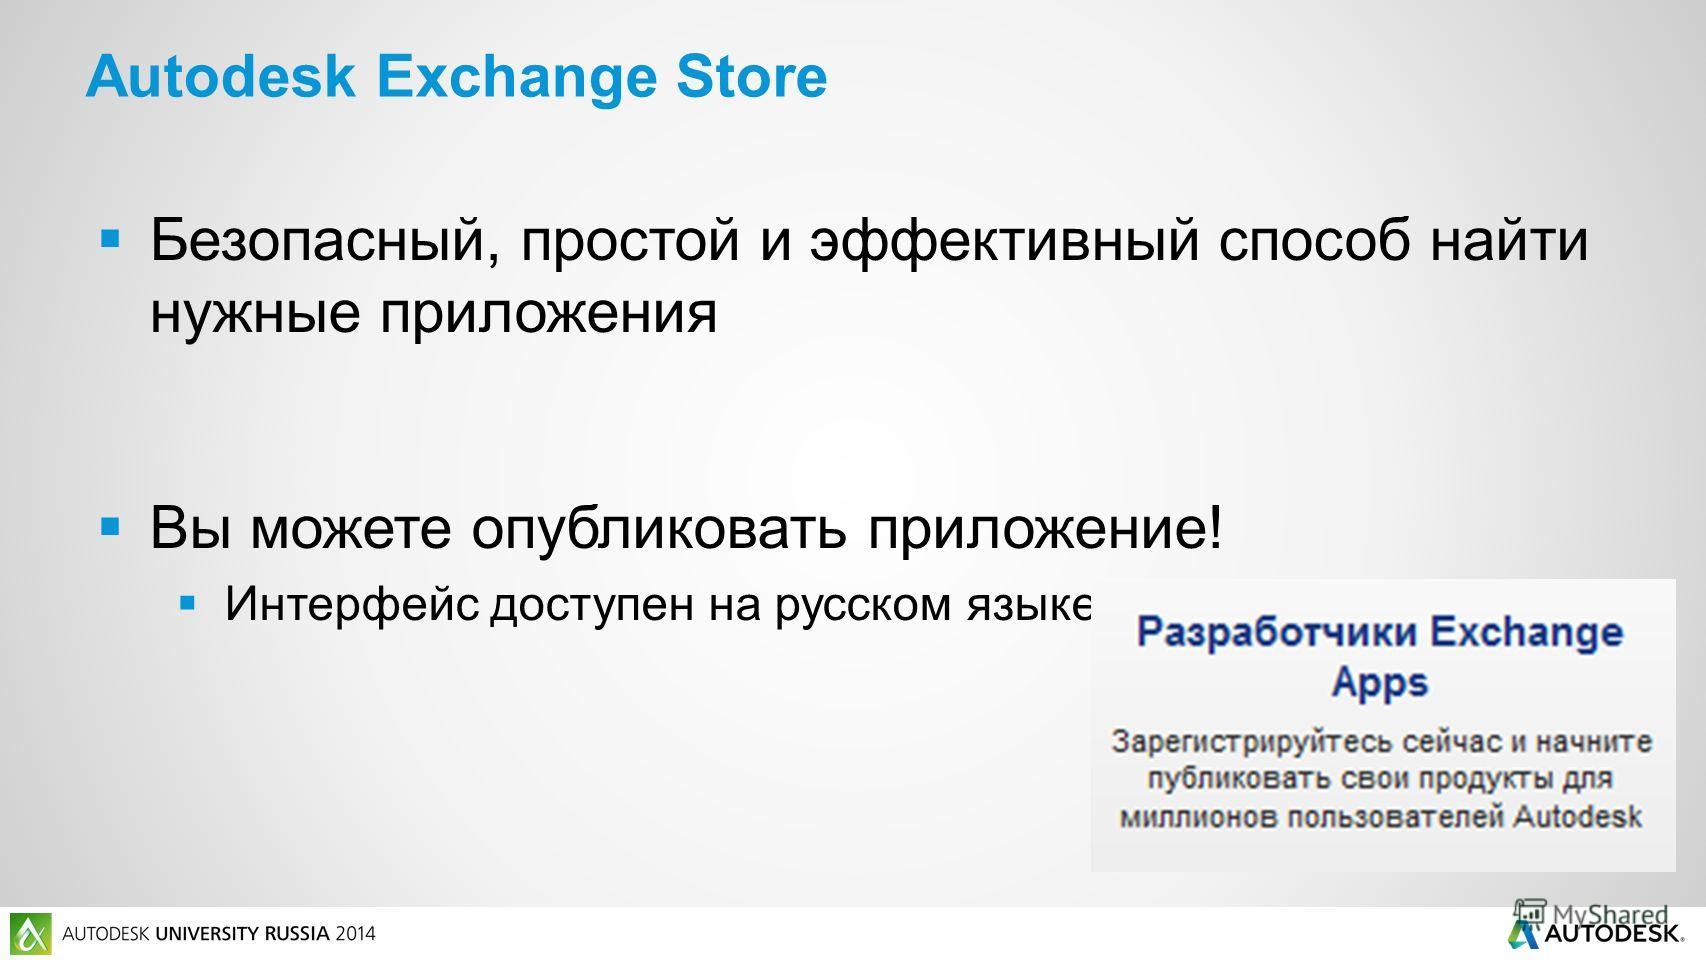 Безопасный, простой и эффективный способ найти нужные приложения Вы можете опубликовать приложение! Интерфейс доступен на русском языке Autodesk Exchange Store